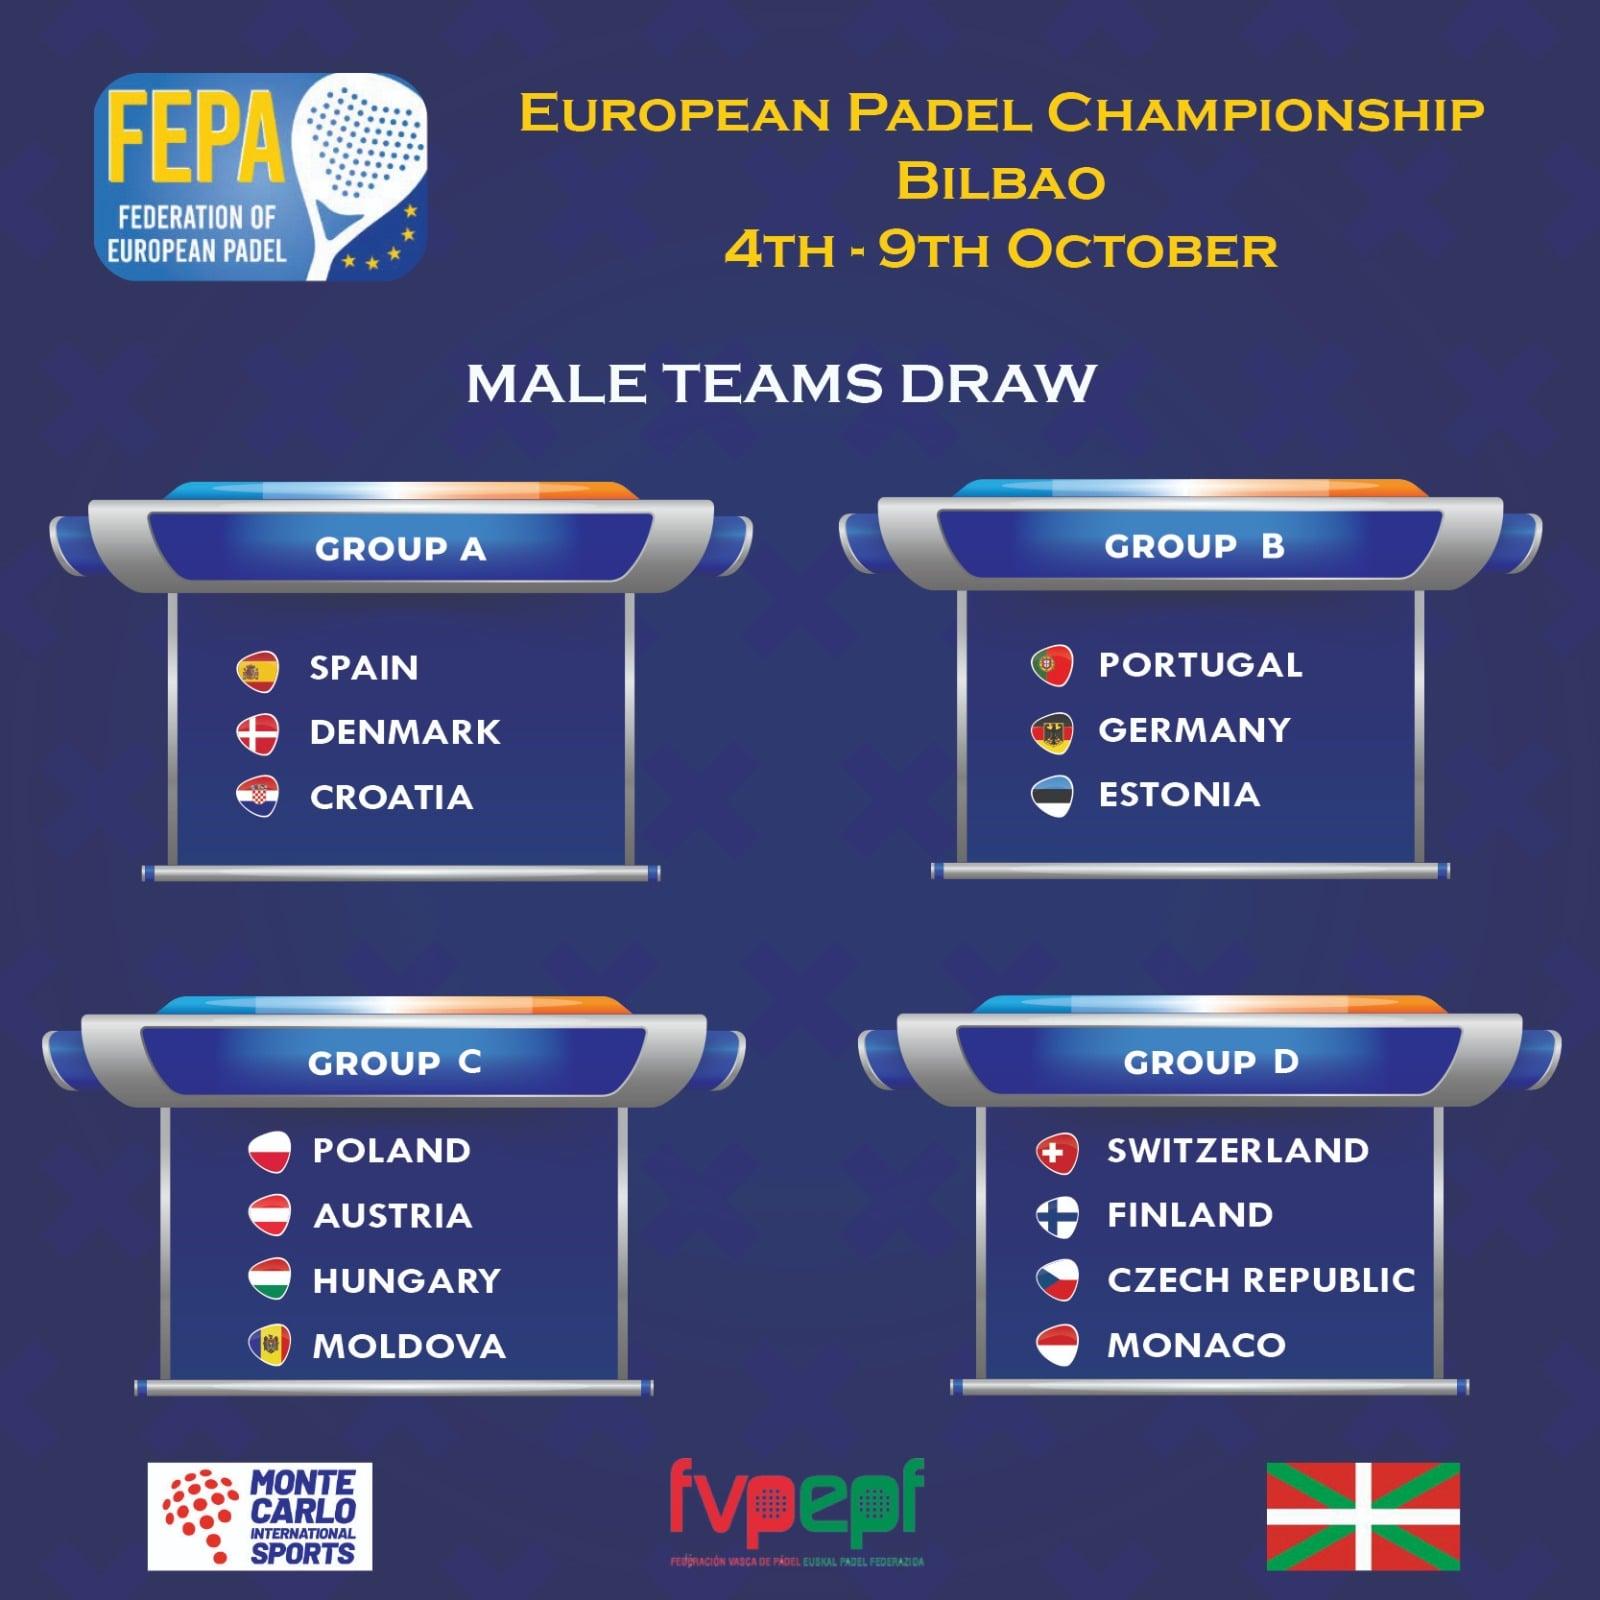 FEPA European Championship 2021 Miesten ryhmät